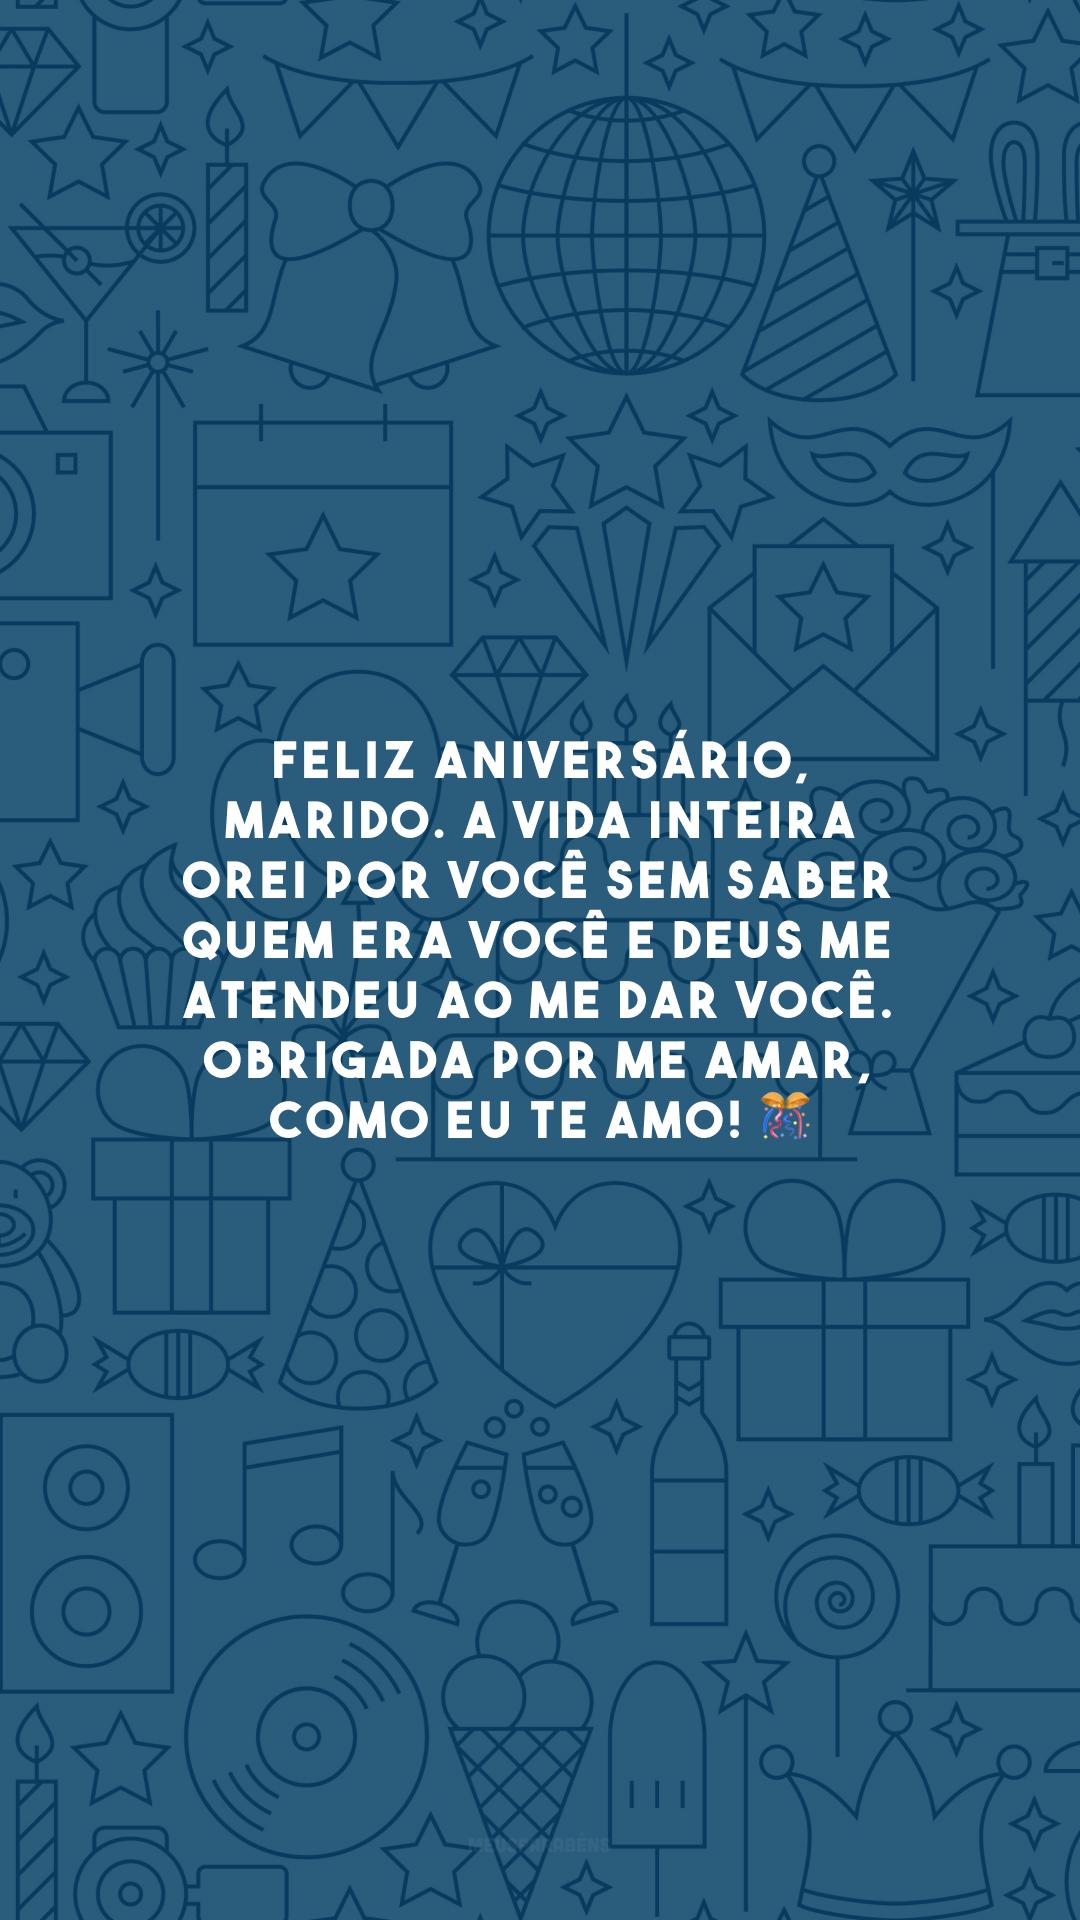 Feliz aniversário, marido. A vida inteira orei por você sem saber quem era você e Deus me atendeu ao me dar você. Obrigada por me amar, como eu te amo! 🎊